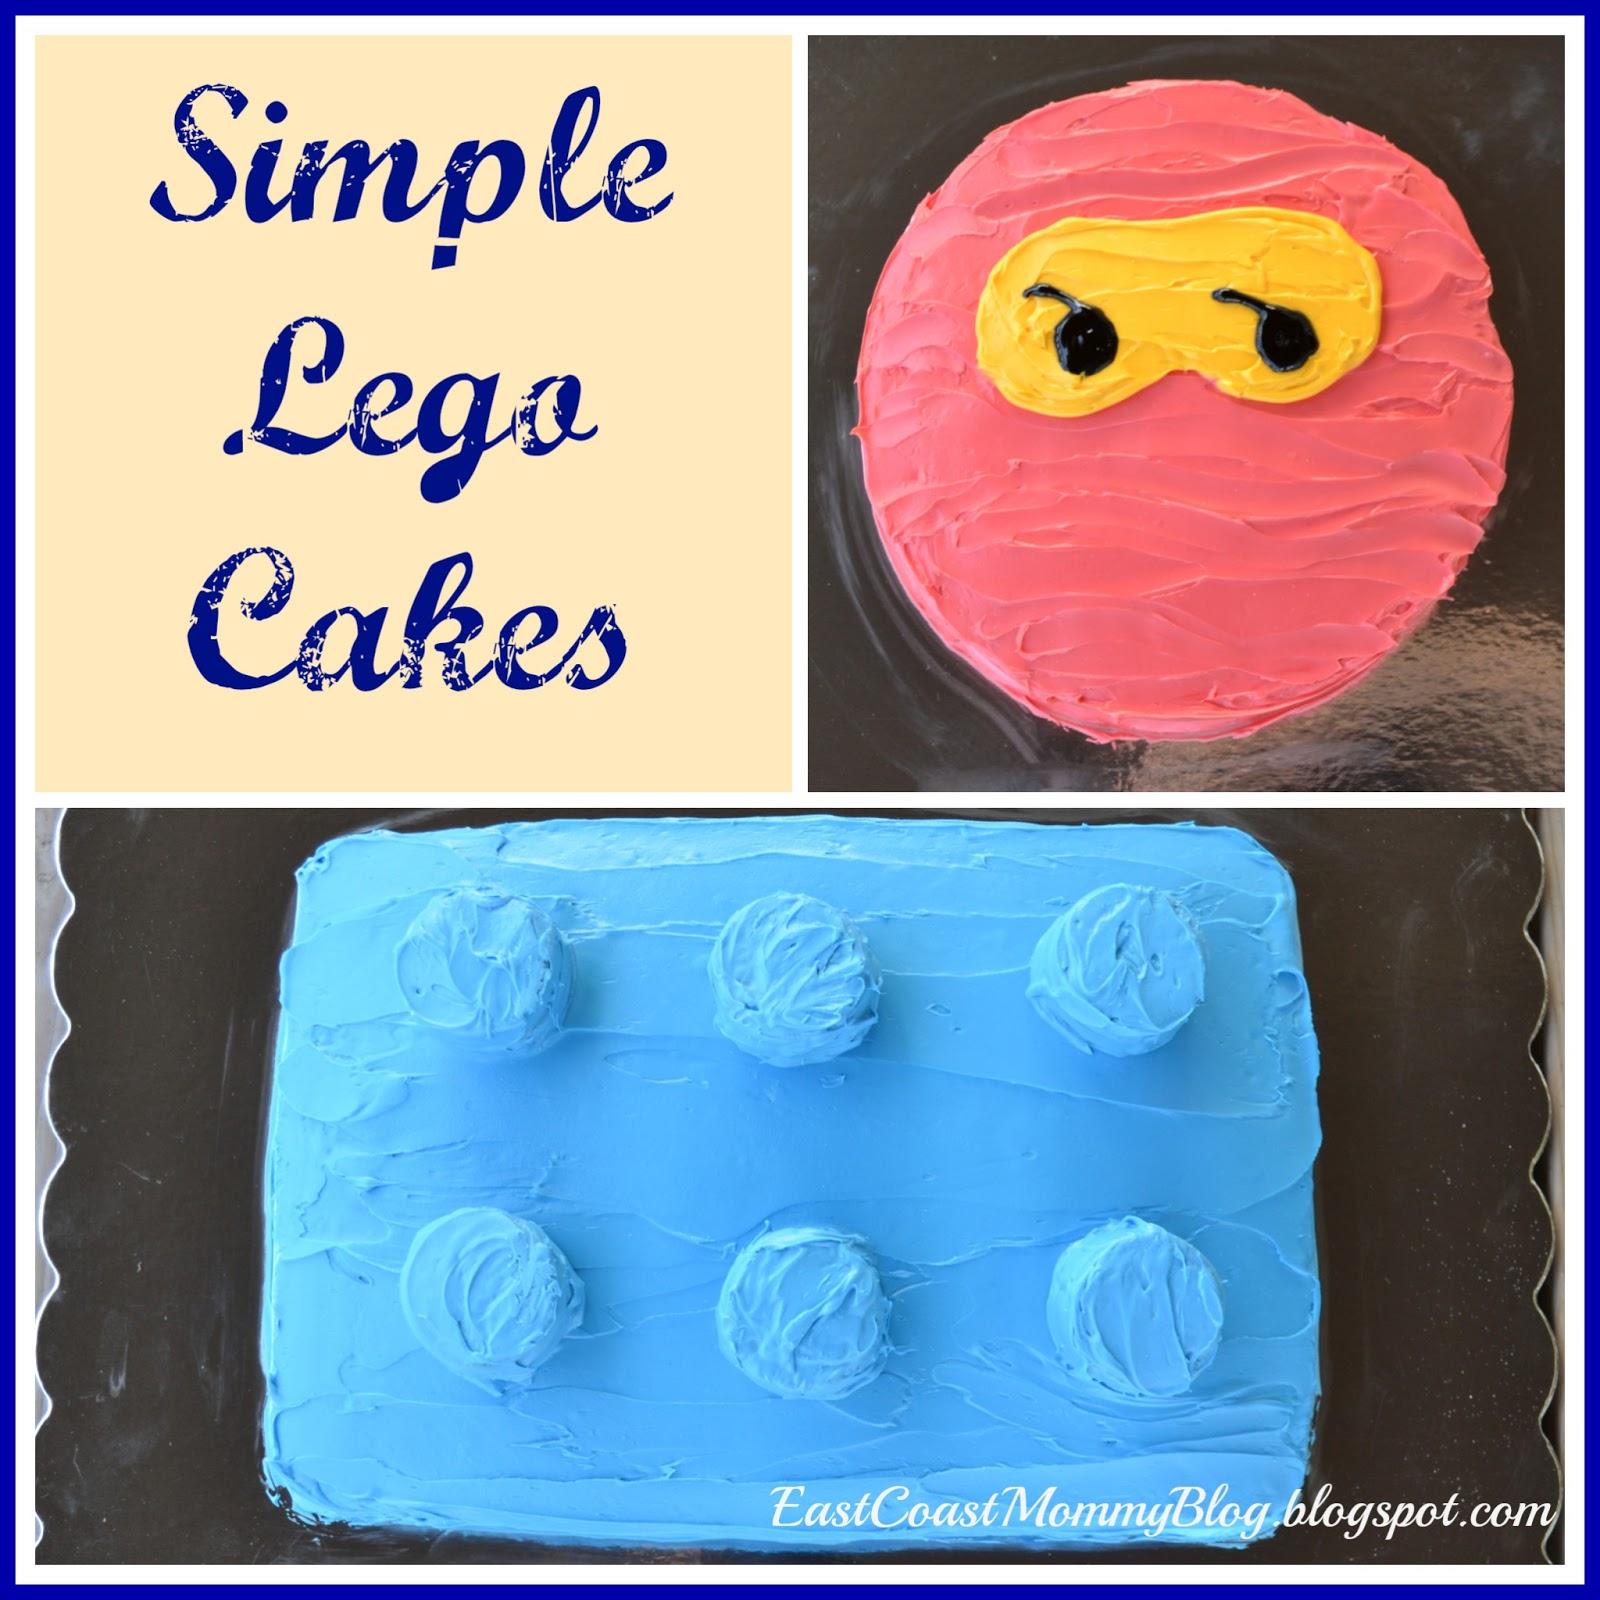 Make Lego Cake Design : East Coast Mommy: Simple Lego Cakes